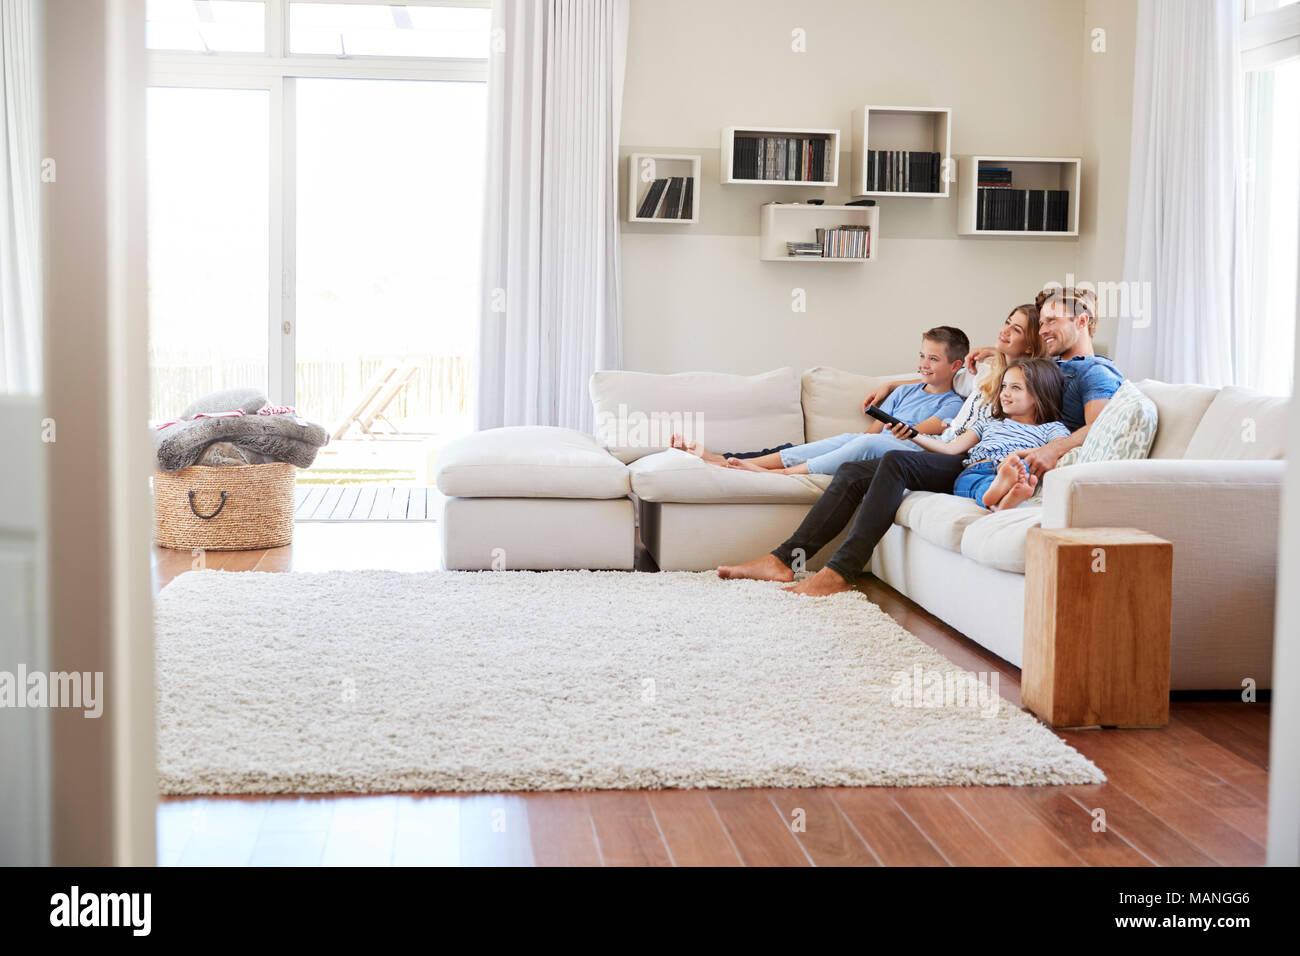 Familie Zusammensitzen auf Sofa zu Hause Fernsehen Stockfoto